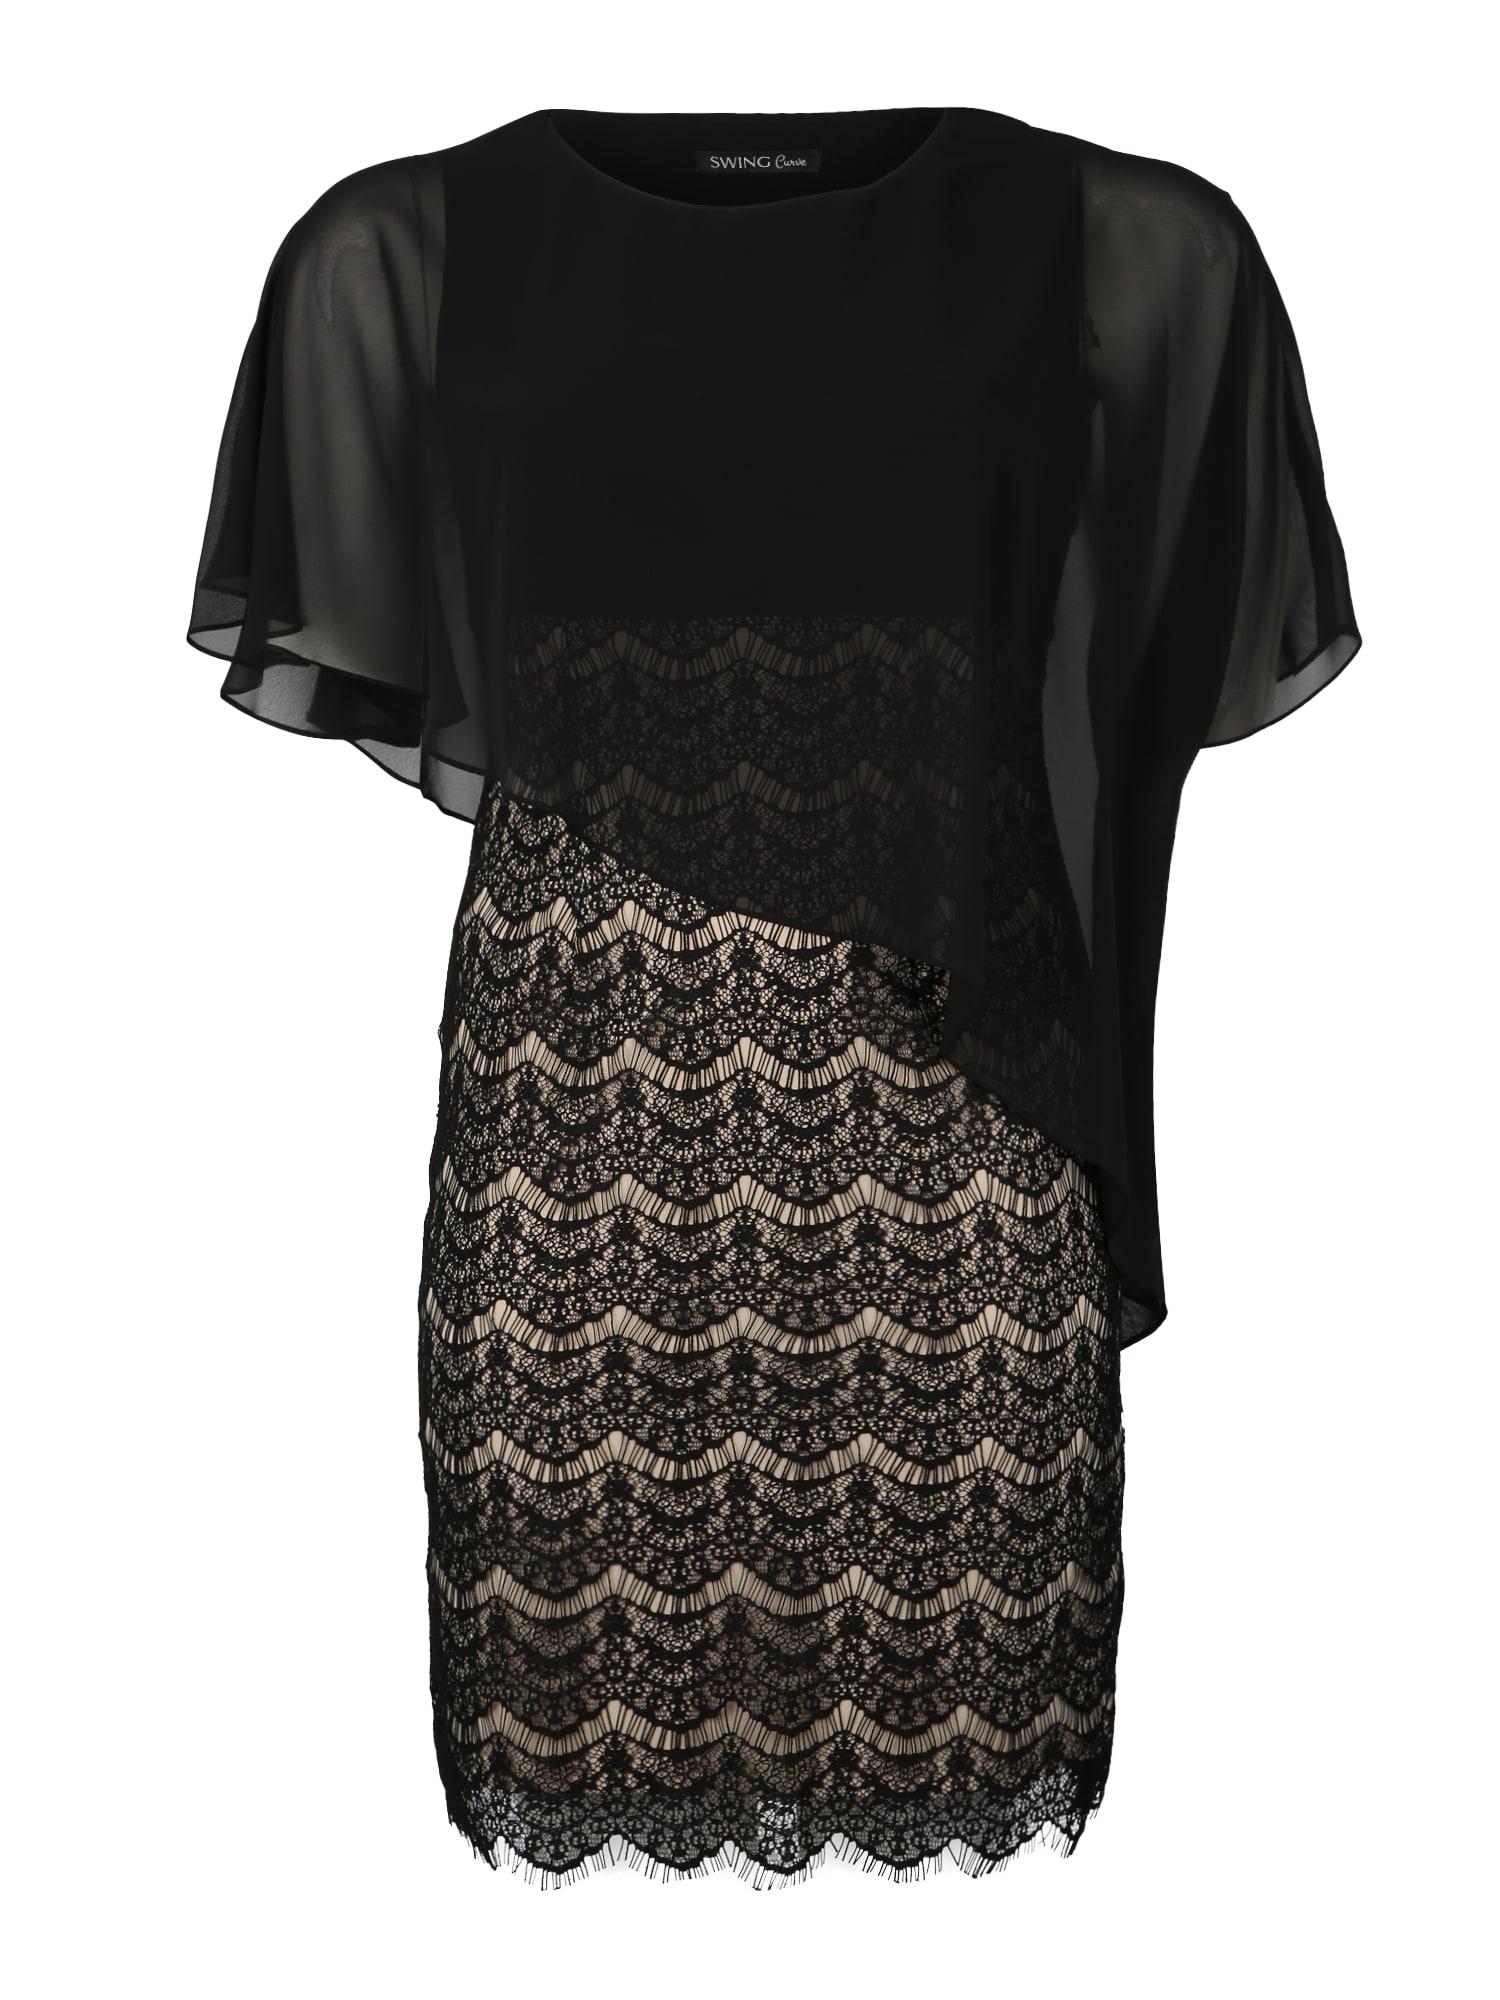 Koktejlové šaty zlatá černá SWING Curve